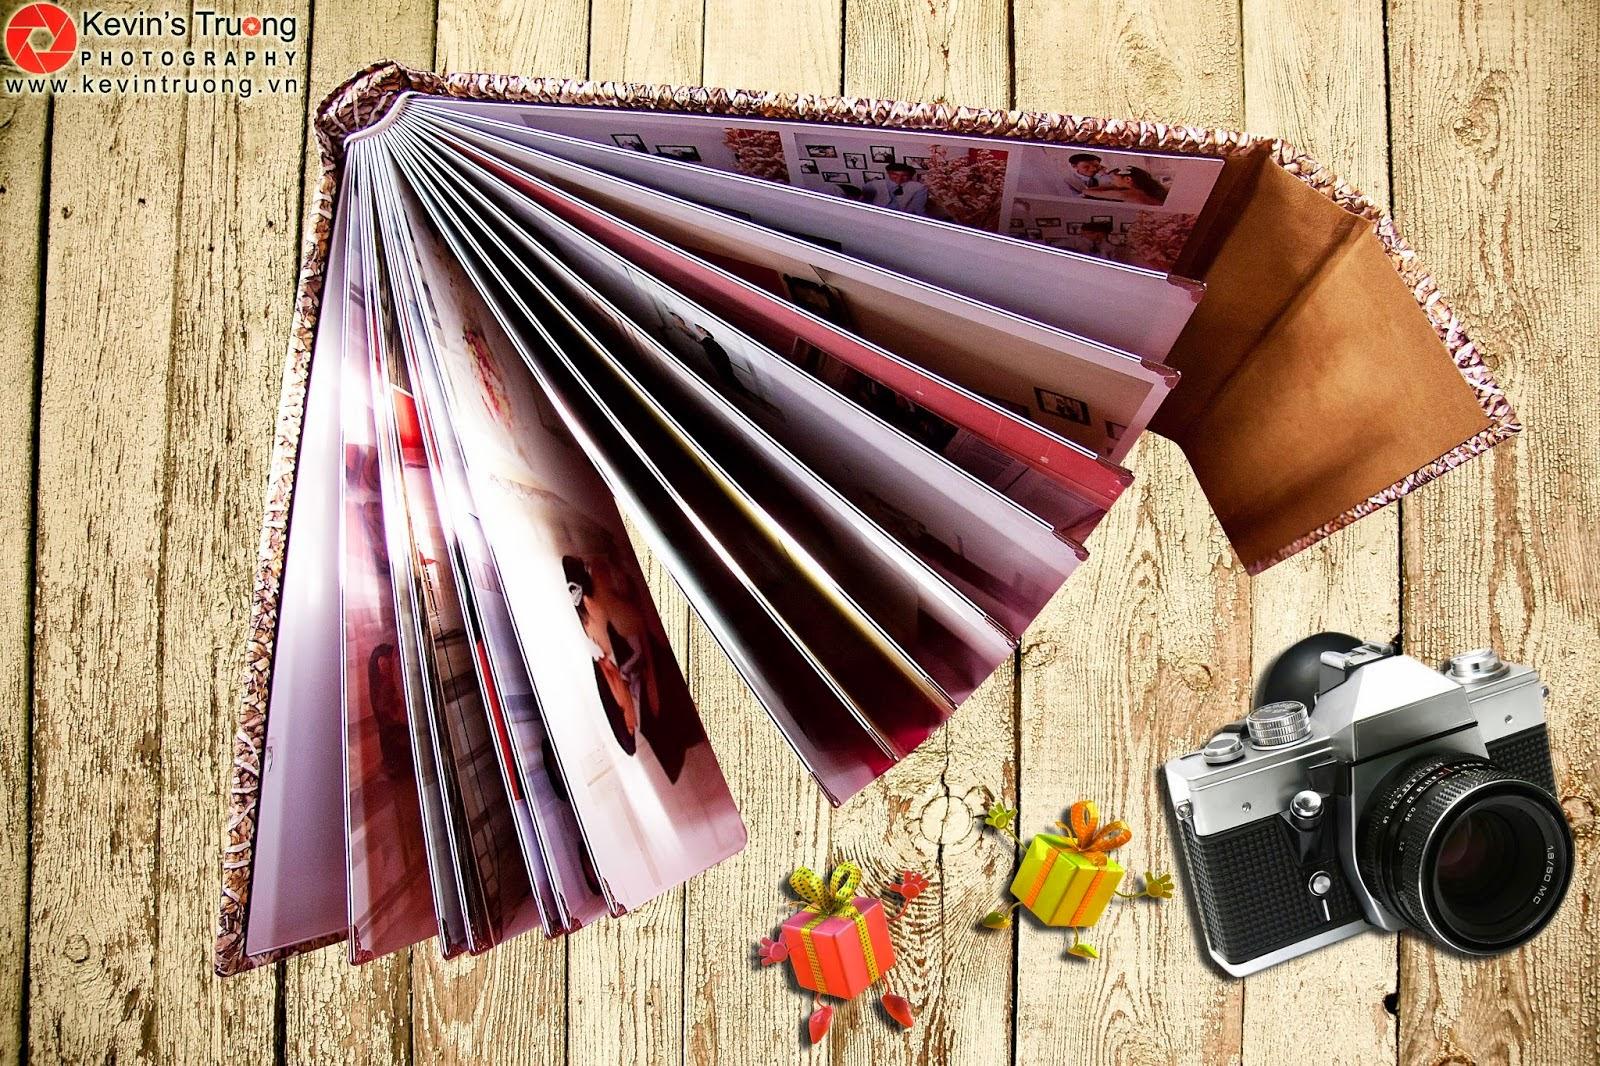 Gia Công-In Album Cát Kim Tuyến-Album 3D,Photobook,Ép gỗ các loại - 7